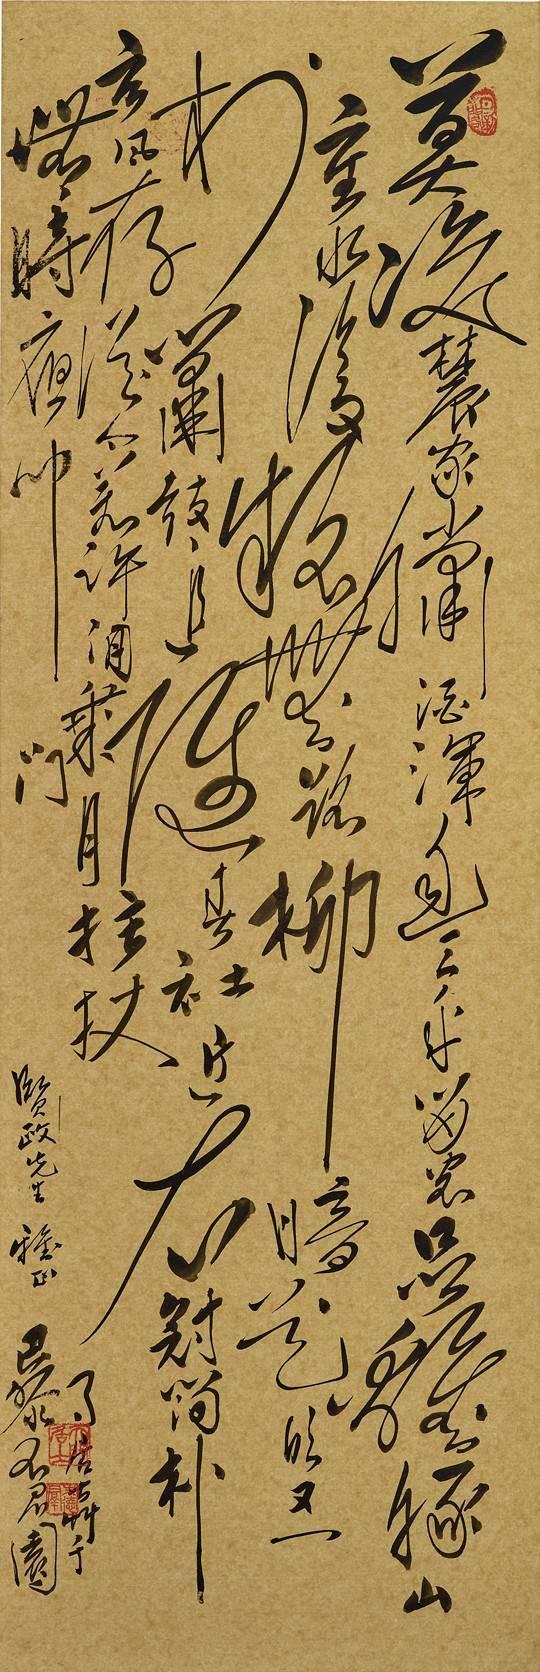 朱德群 書法 書法 122x41cm 左下:賢政先生 雅正